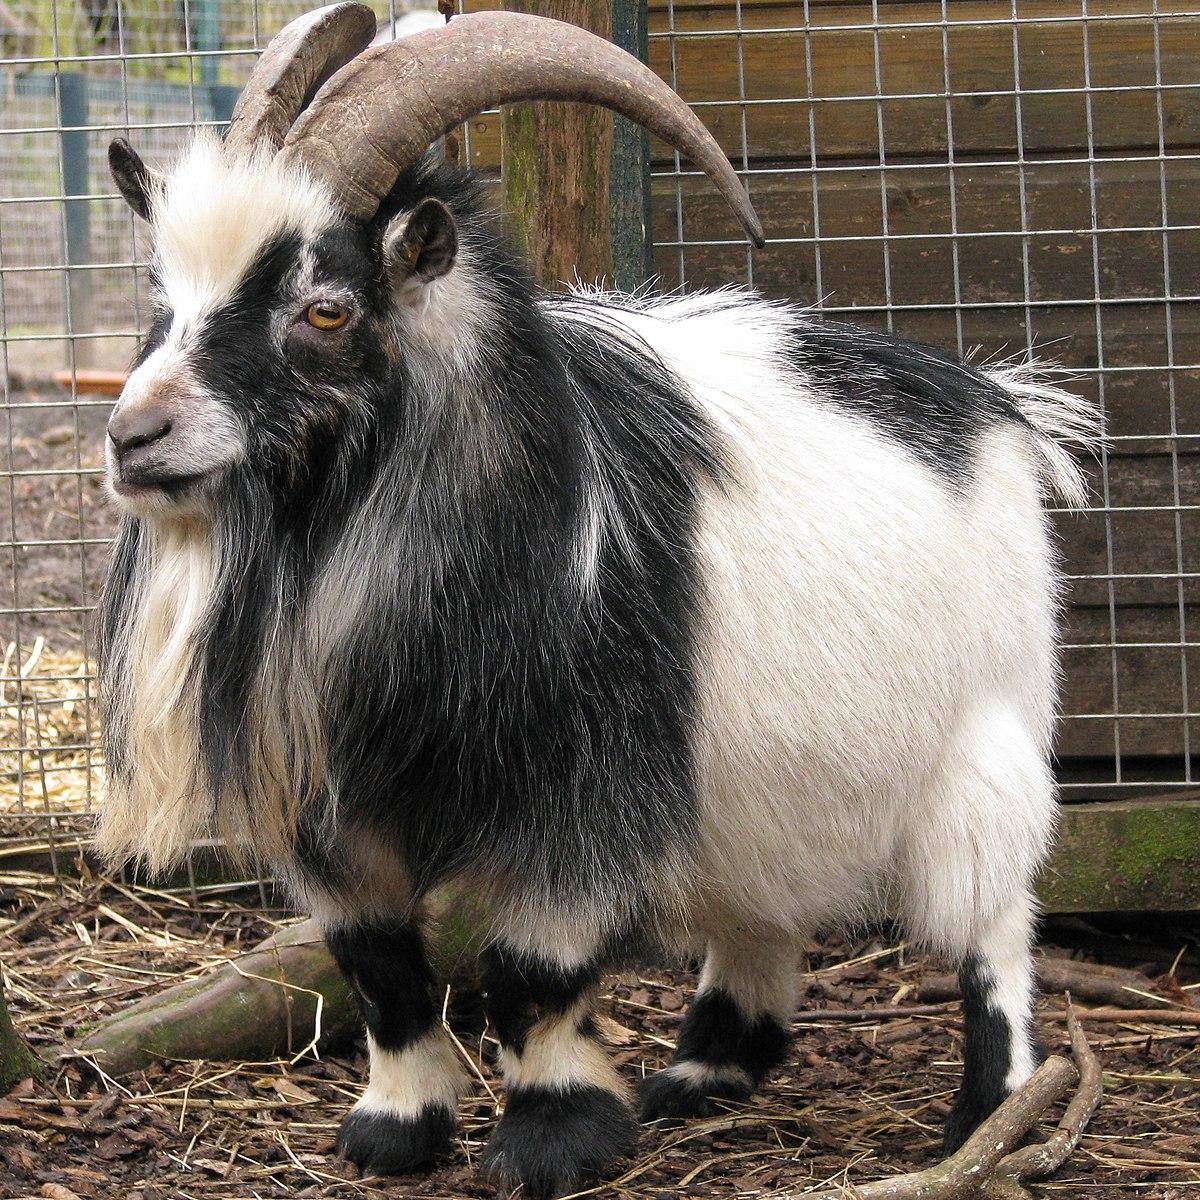 Single horned goat